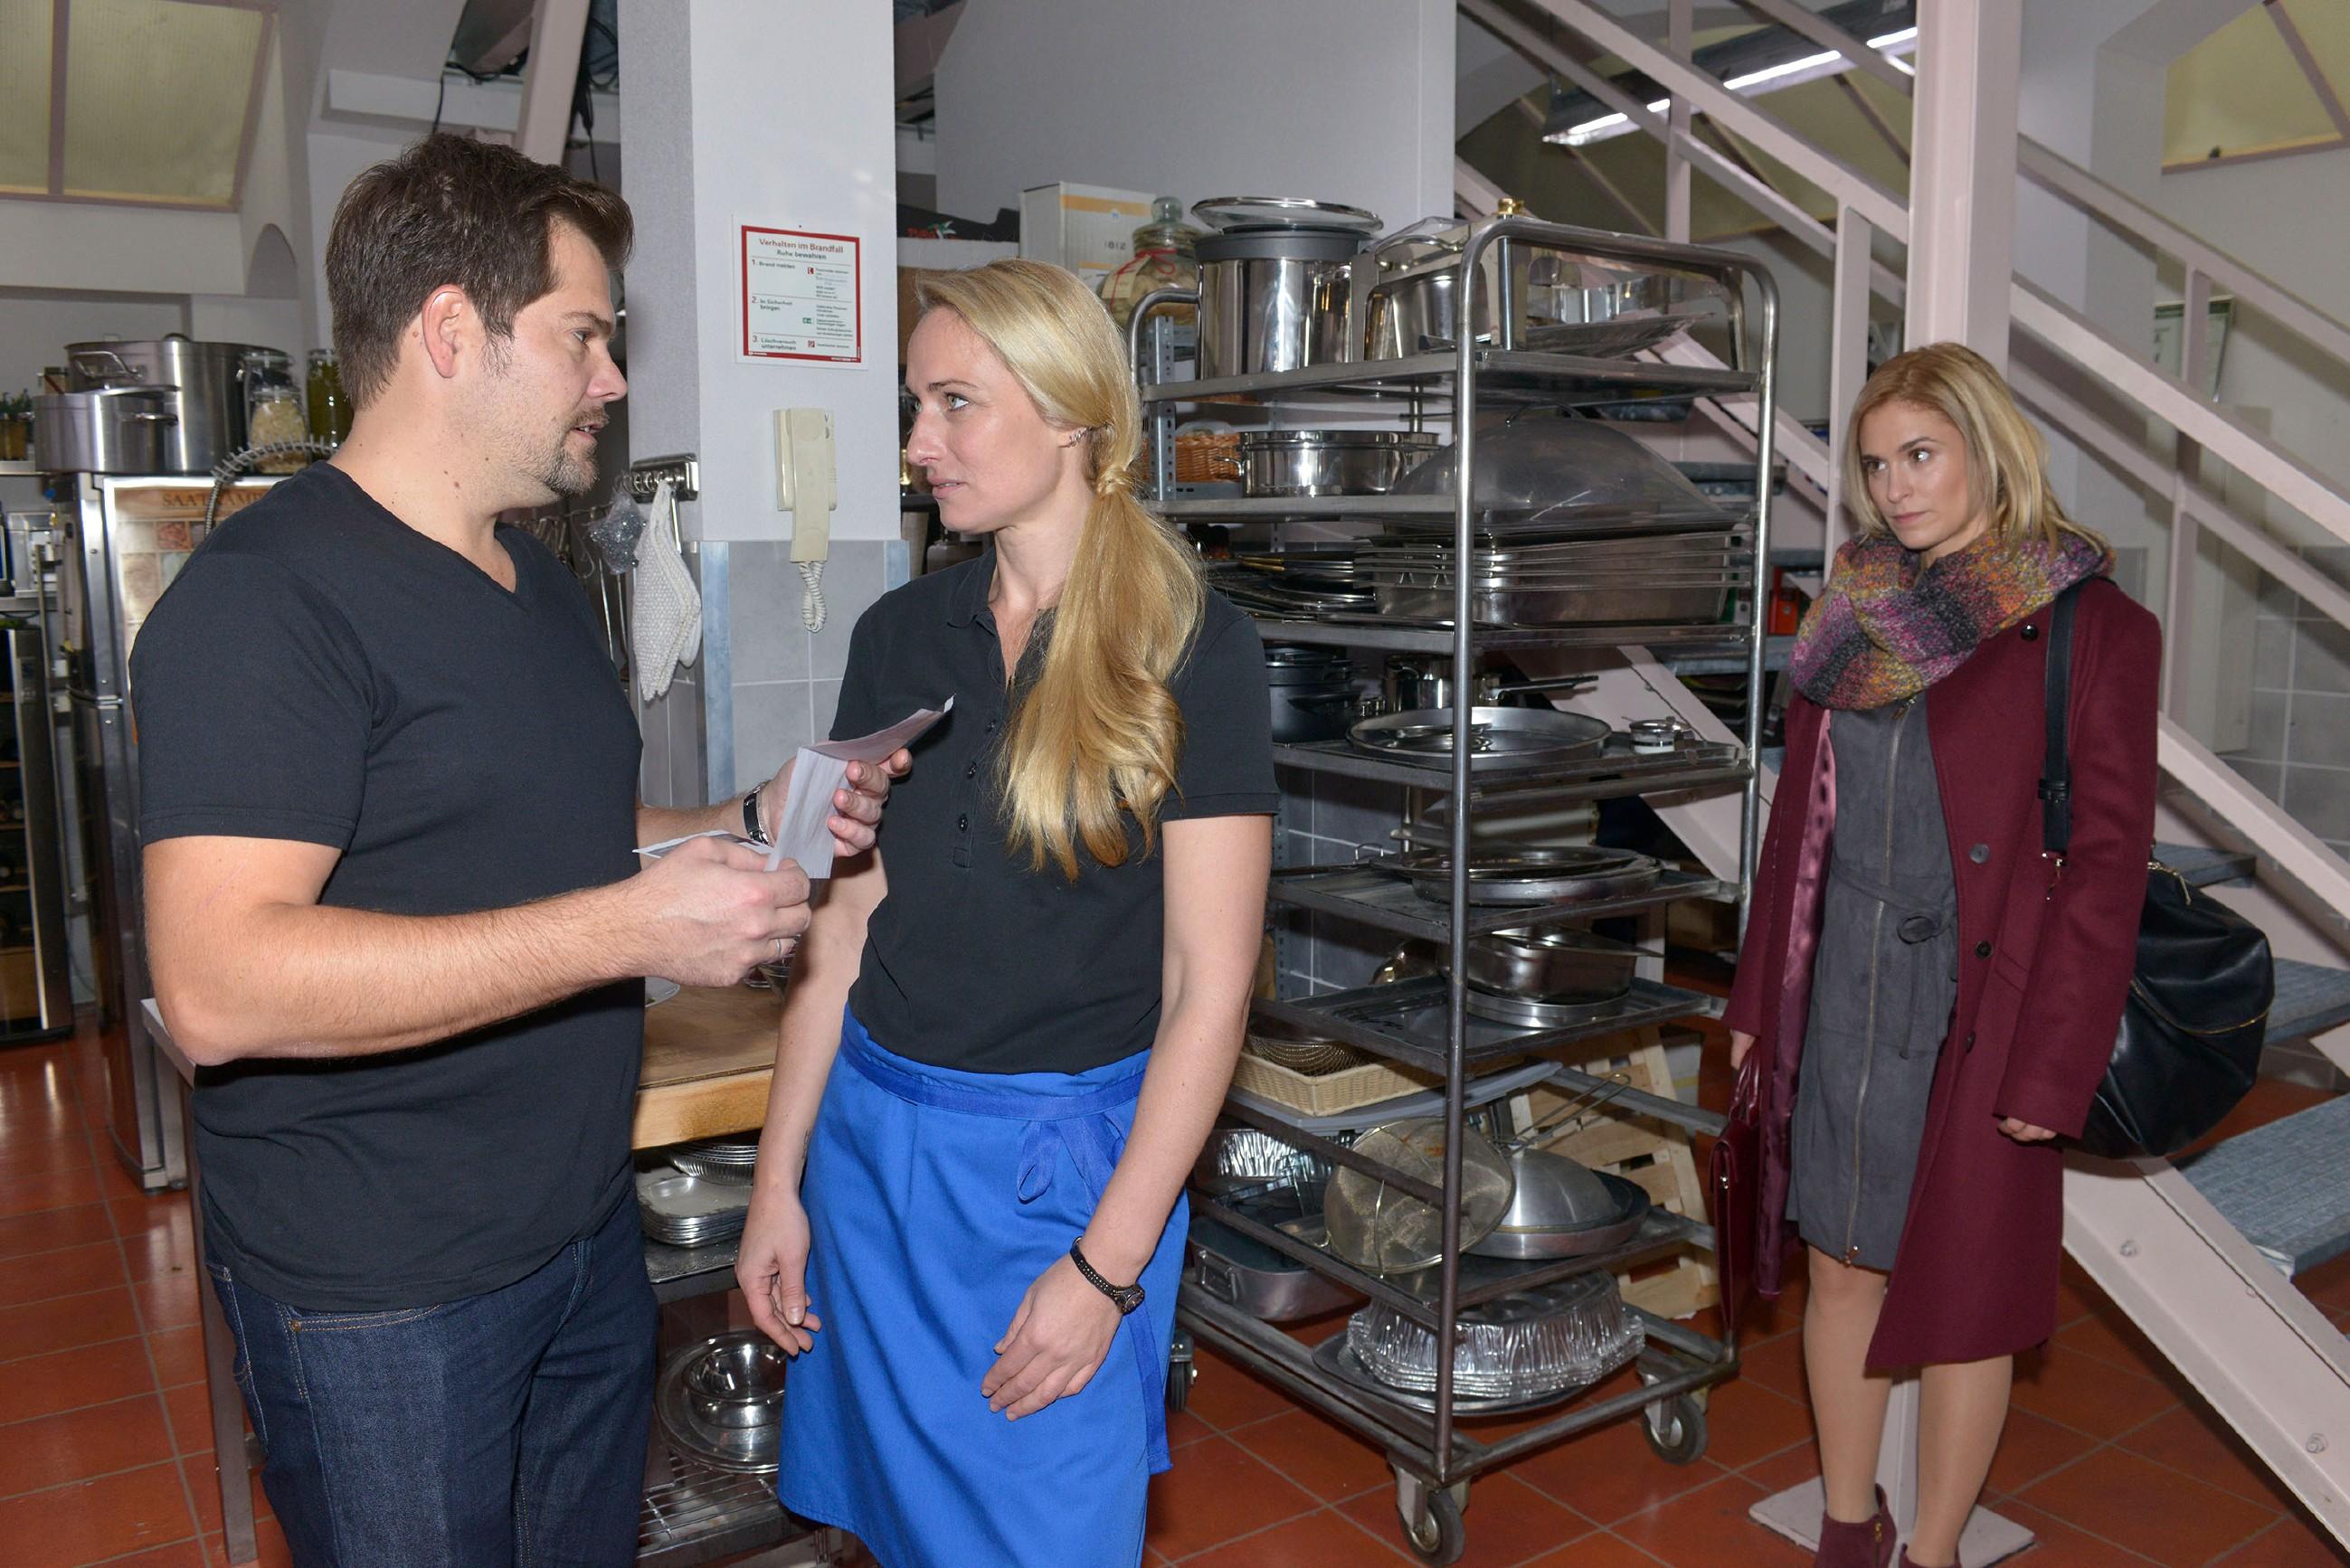 Sophie (Lea Marlen Woitack, r.) kann ihre latente Eifersucht wegen Leon (Daniel Fehlow) und Maren (Eva Mona Rodekirchen) nicht ganz abstreifen. (Quelle: RTL / Rolf Baumgartner)